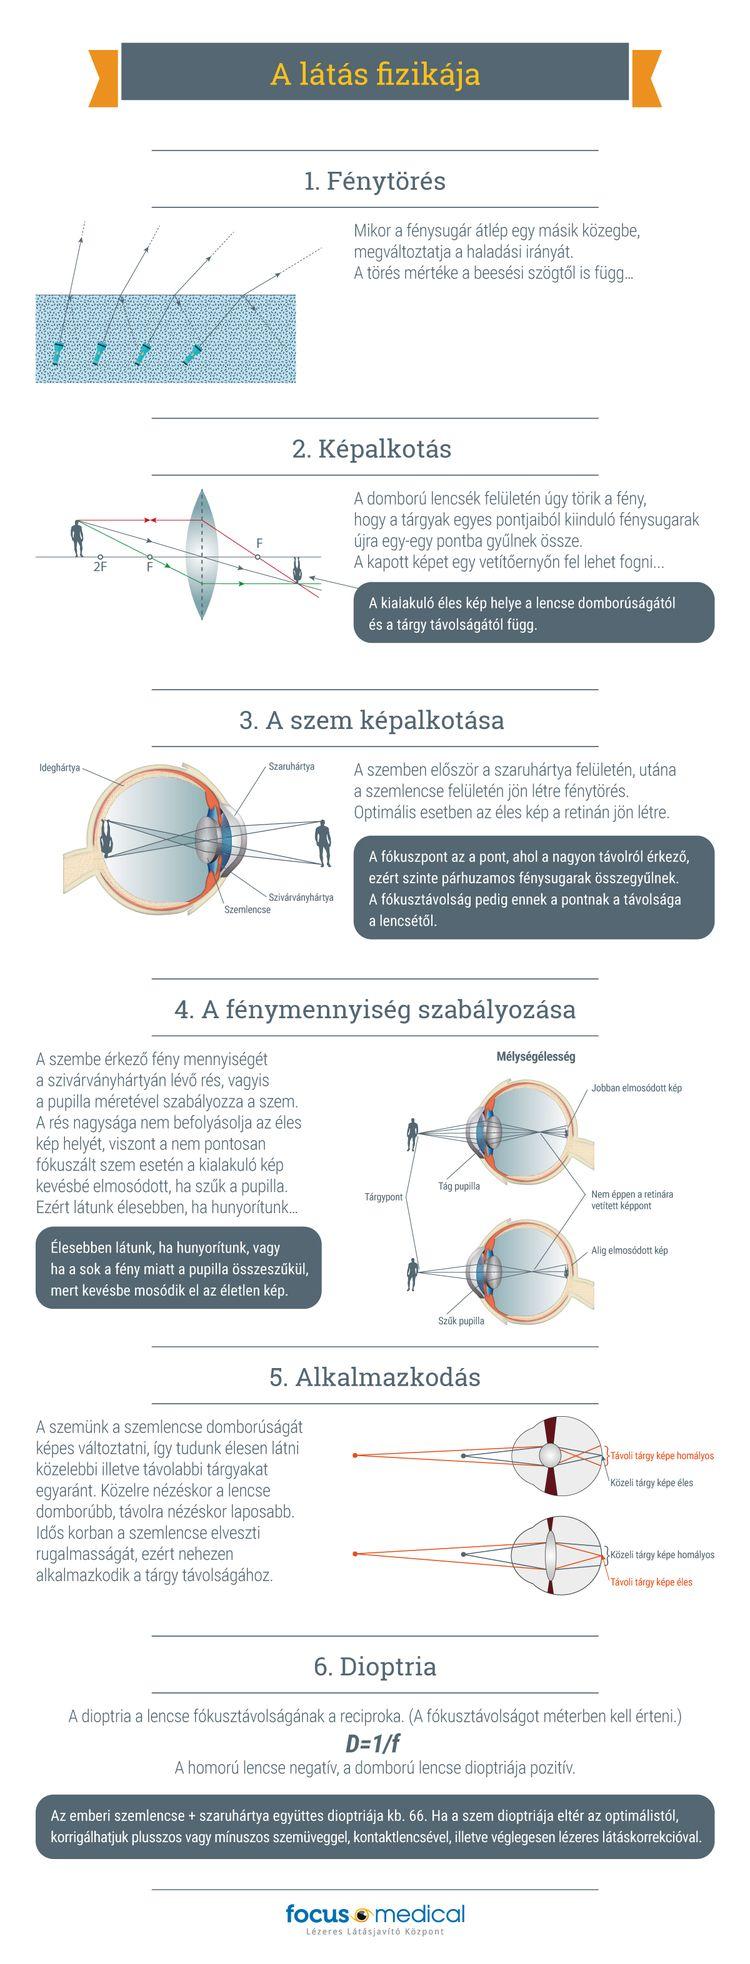 LBV-kezelés - Éles látás szemüveg nélkül